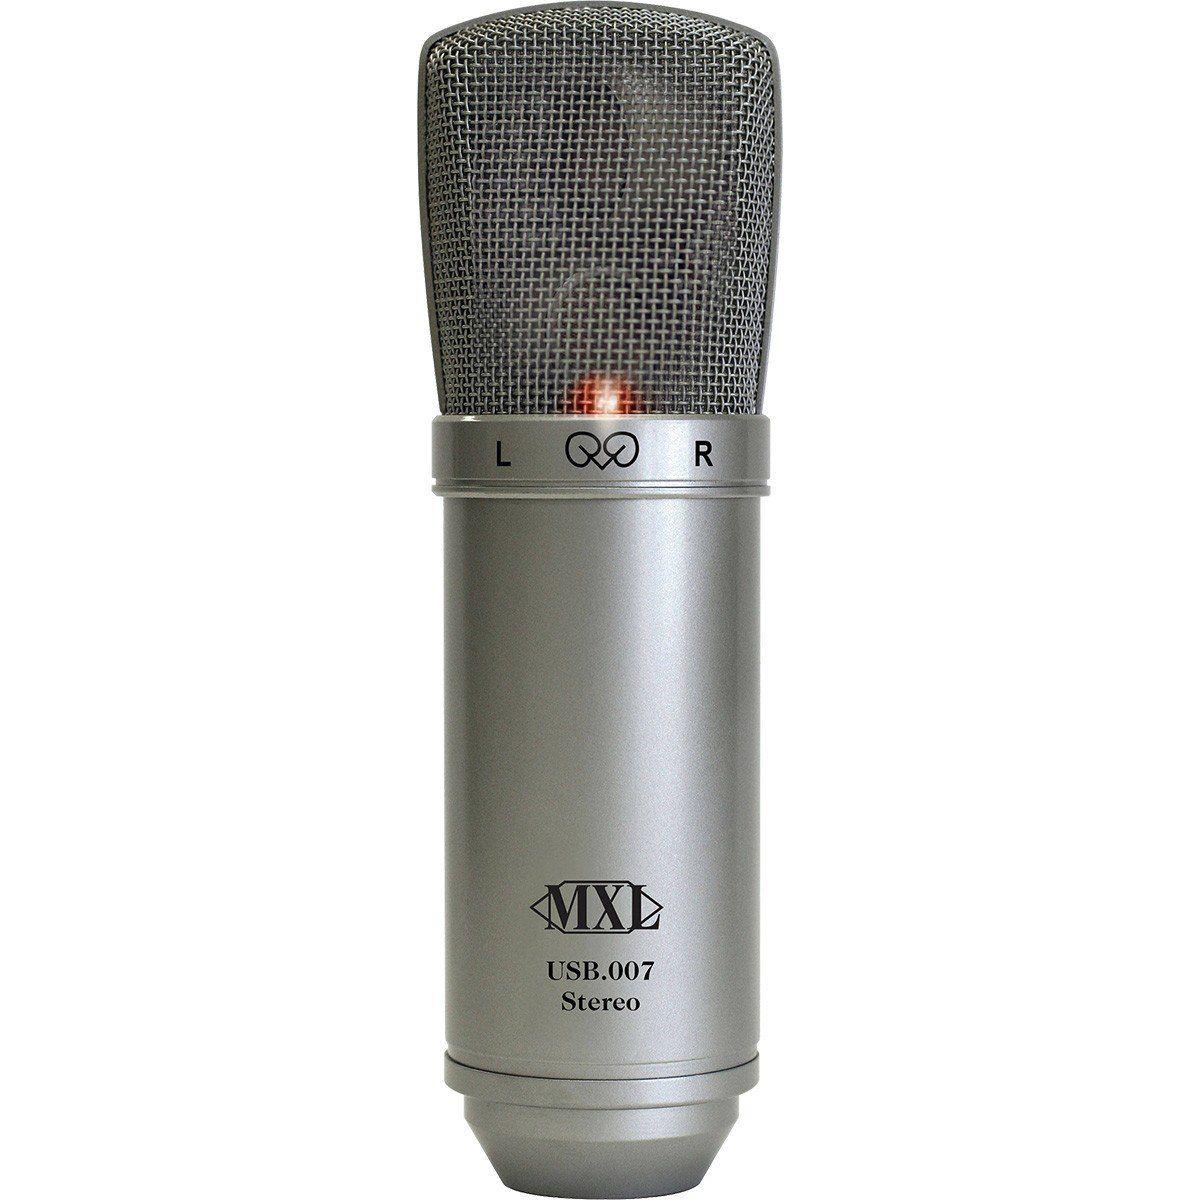 Mxl USB 007 Microfone Stereo Condensador Mxl USB-007 para Vocais e Instrumentos